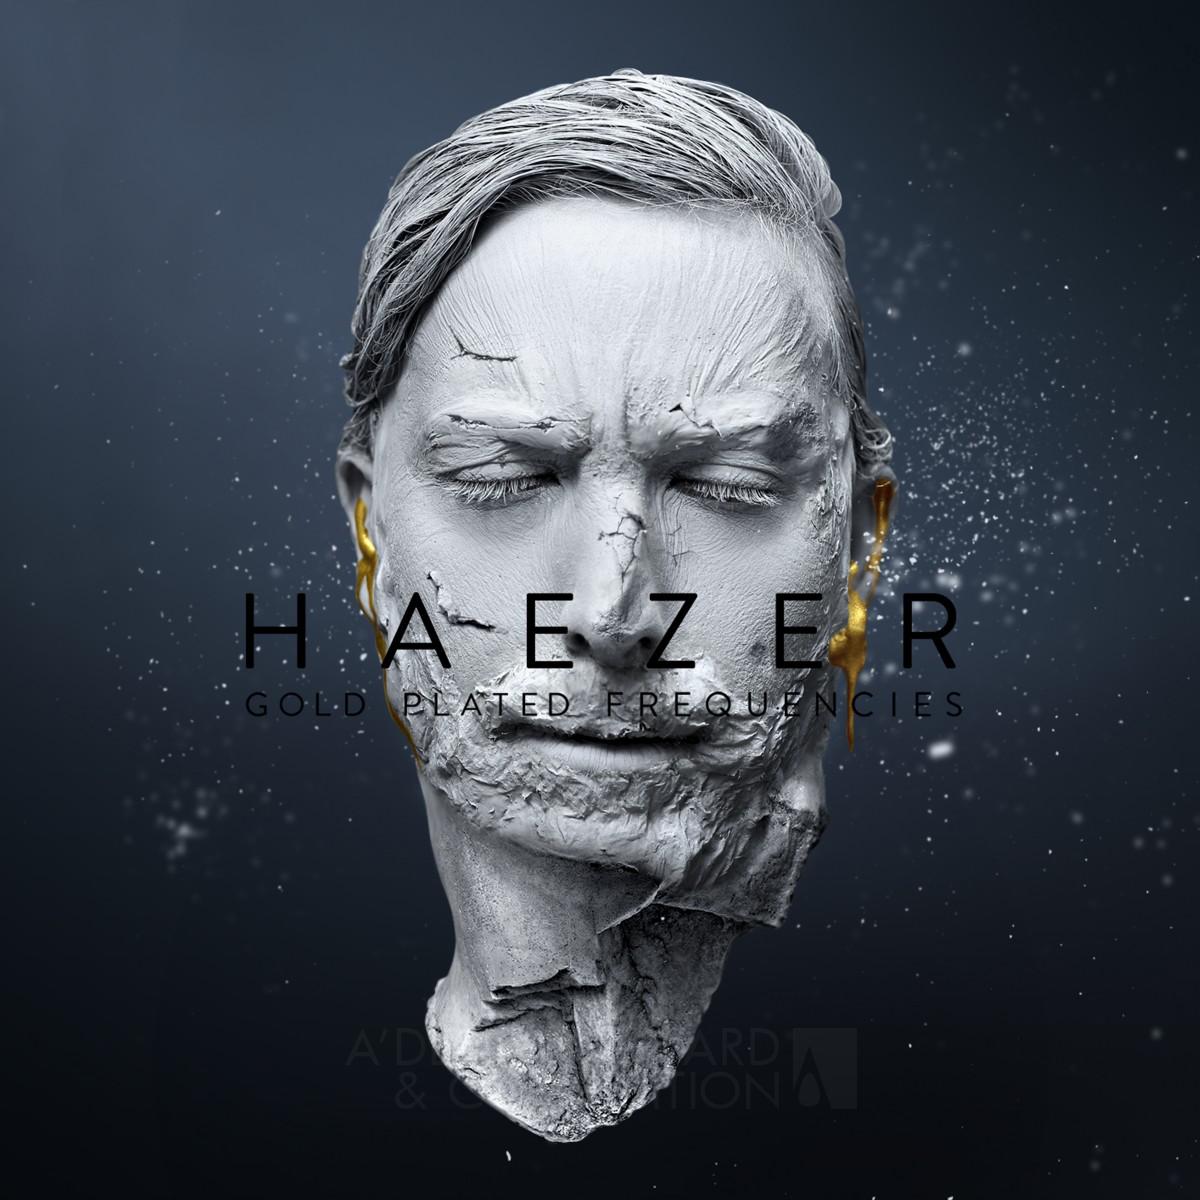 Haezer  Album Art